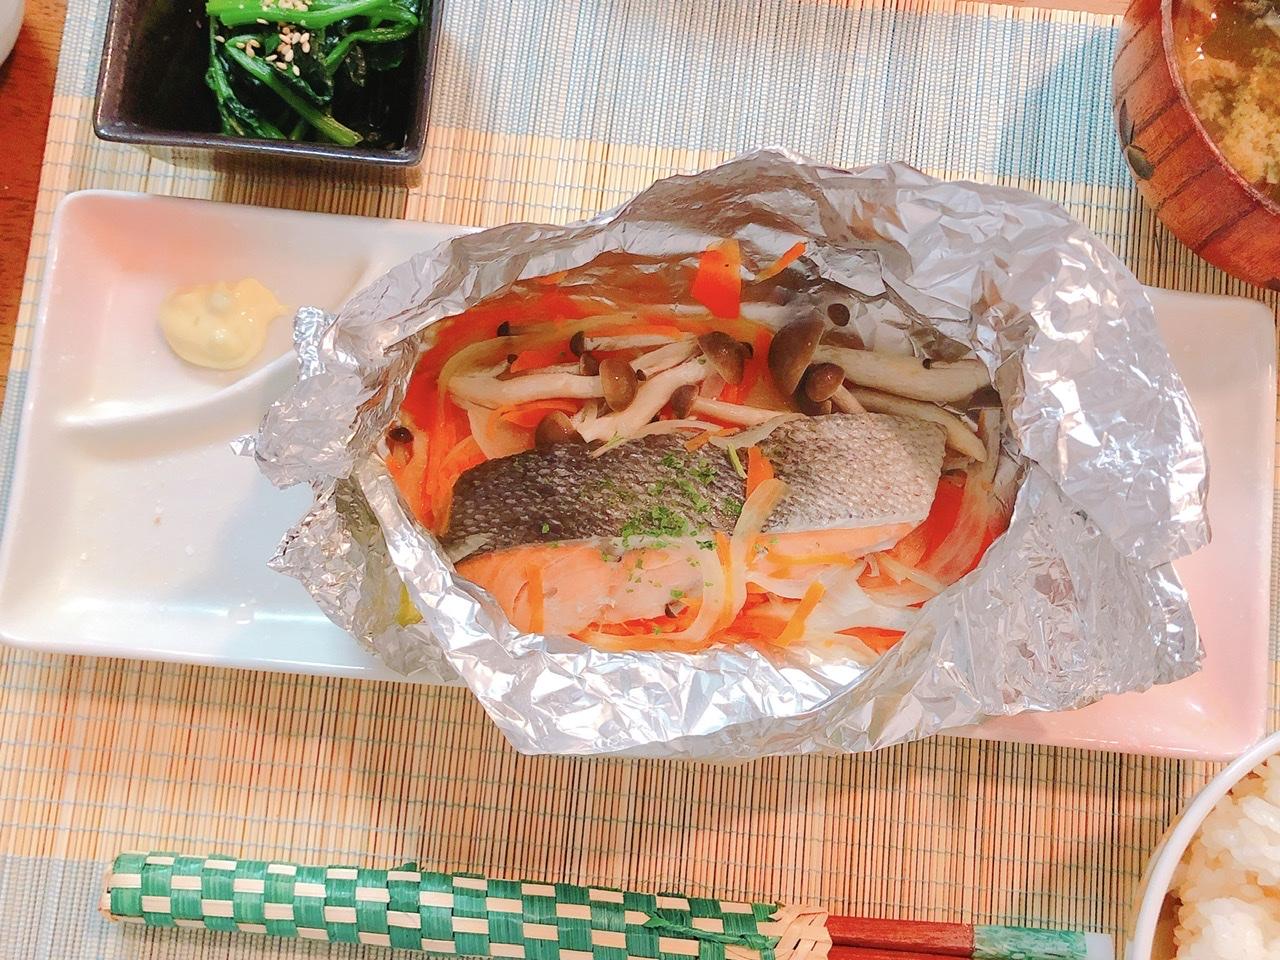 「【衛宮さんちの今日のごはん】鮭ときのこのバターホイル焼きを作る!」のアイキャッチ画像